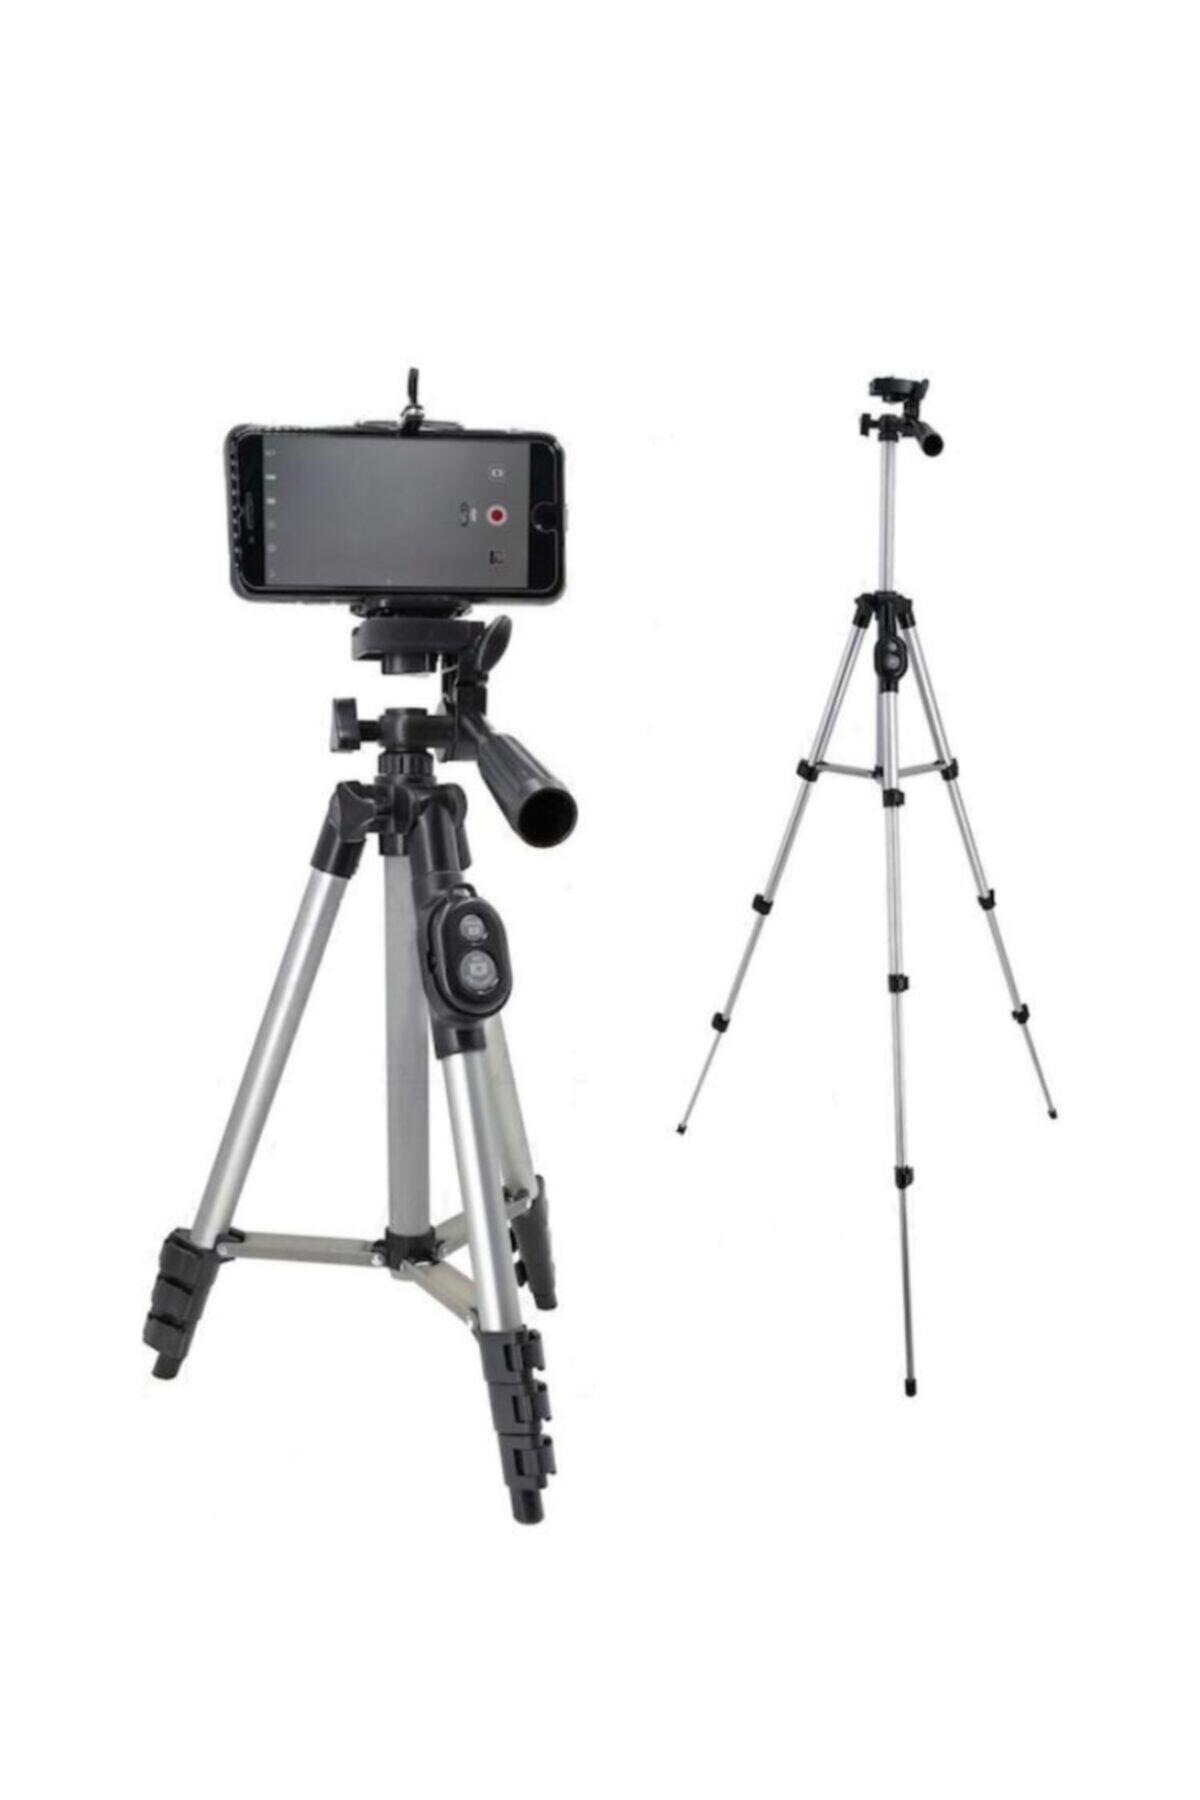 Auris Profesyonel Fotoğraf Video Çekimi 106 Cm Tripot Telefon Tutucu 1